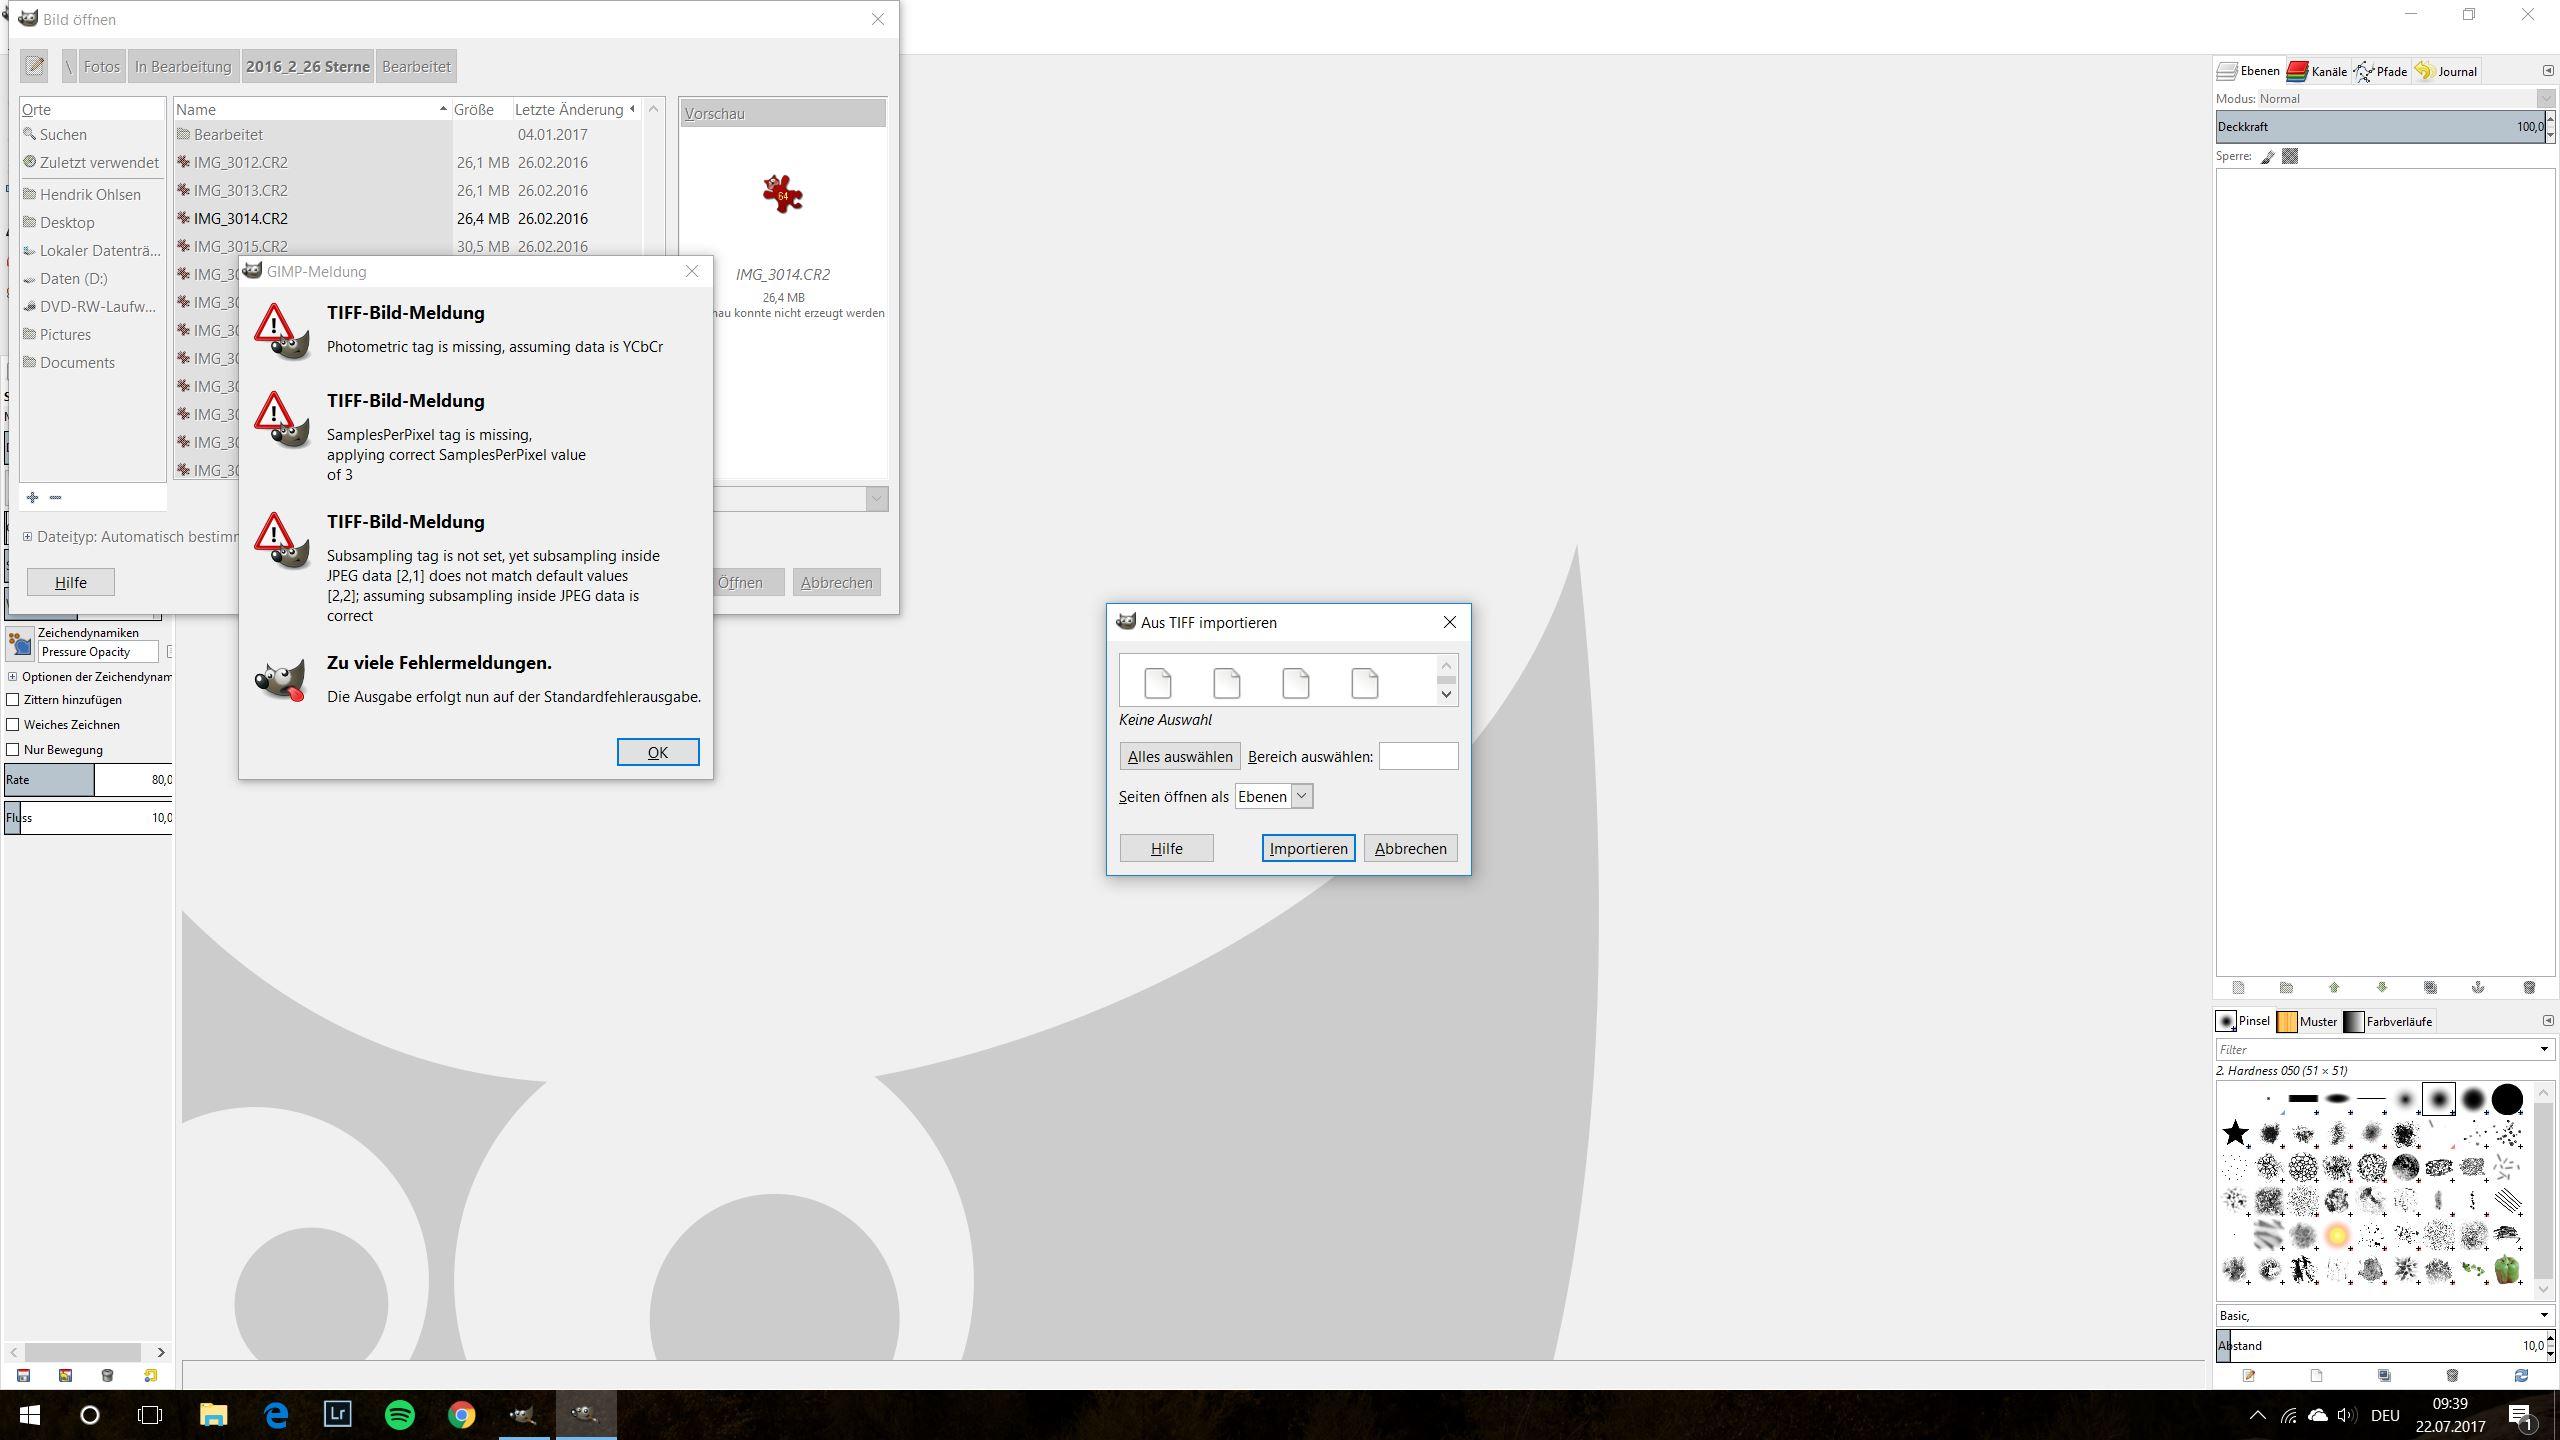 Der Versuch, eine RAW-Datei in Gimp zu öffnen